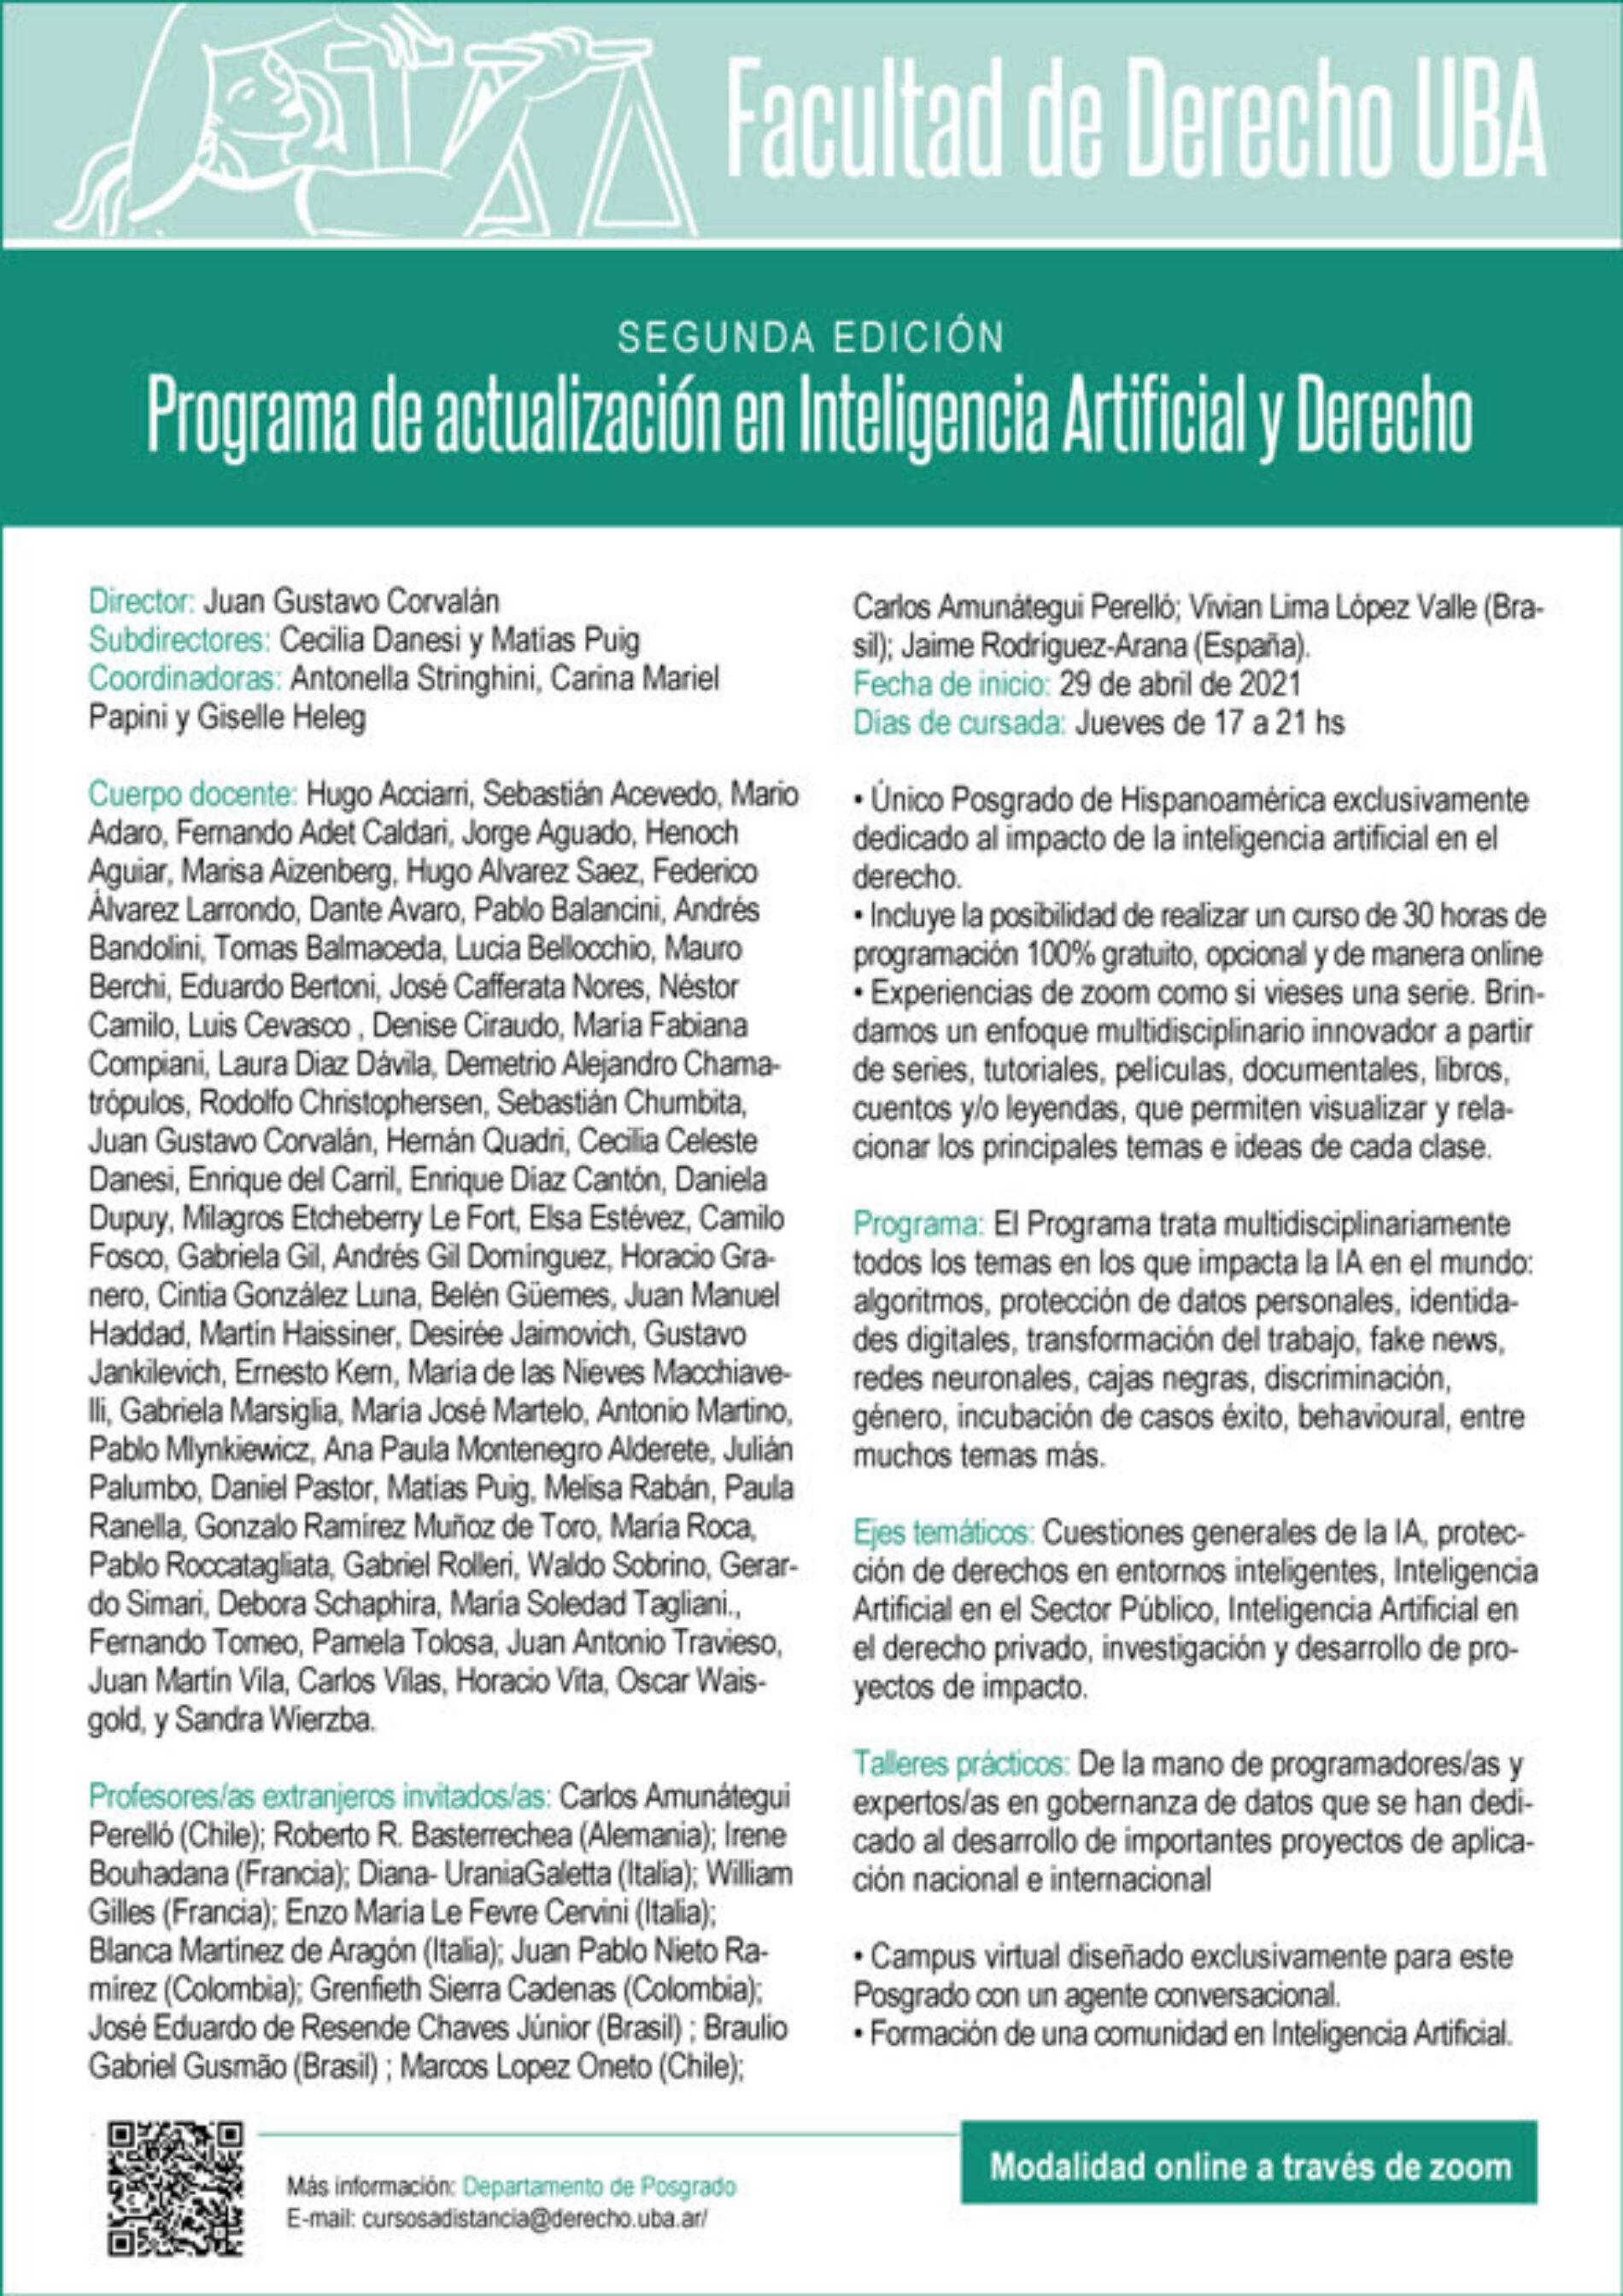 Programa de actualización en Inteligencia Artificial y Derecho.